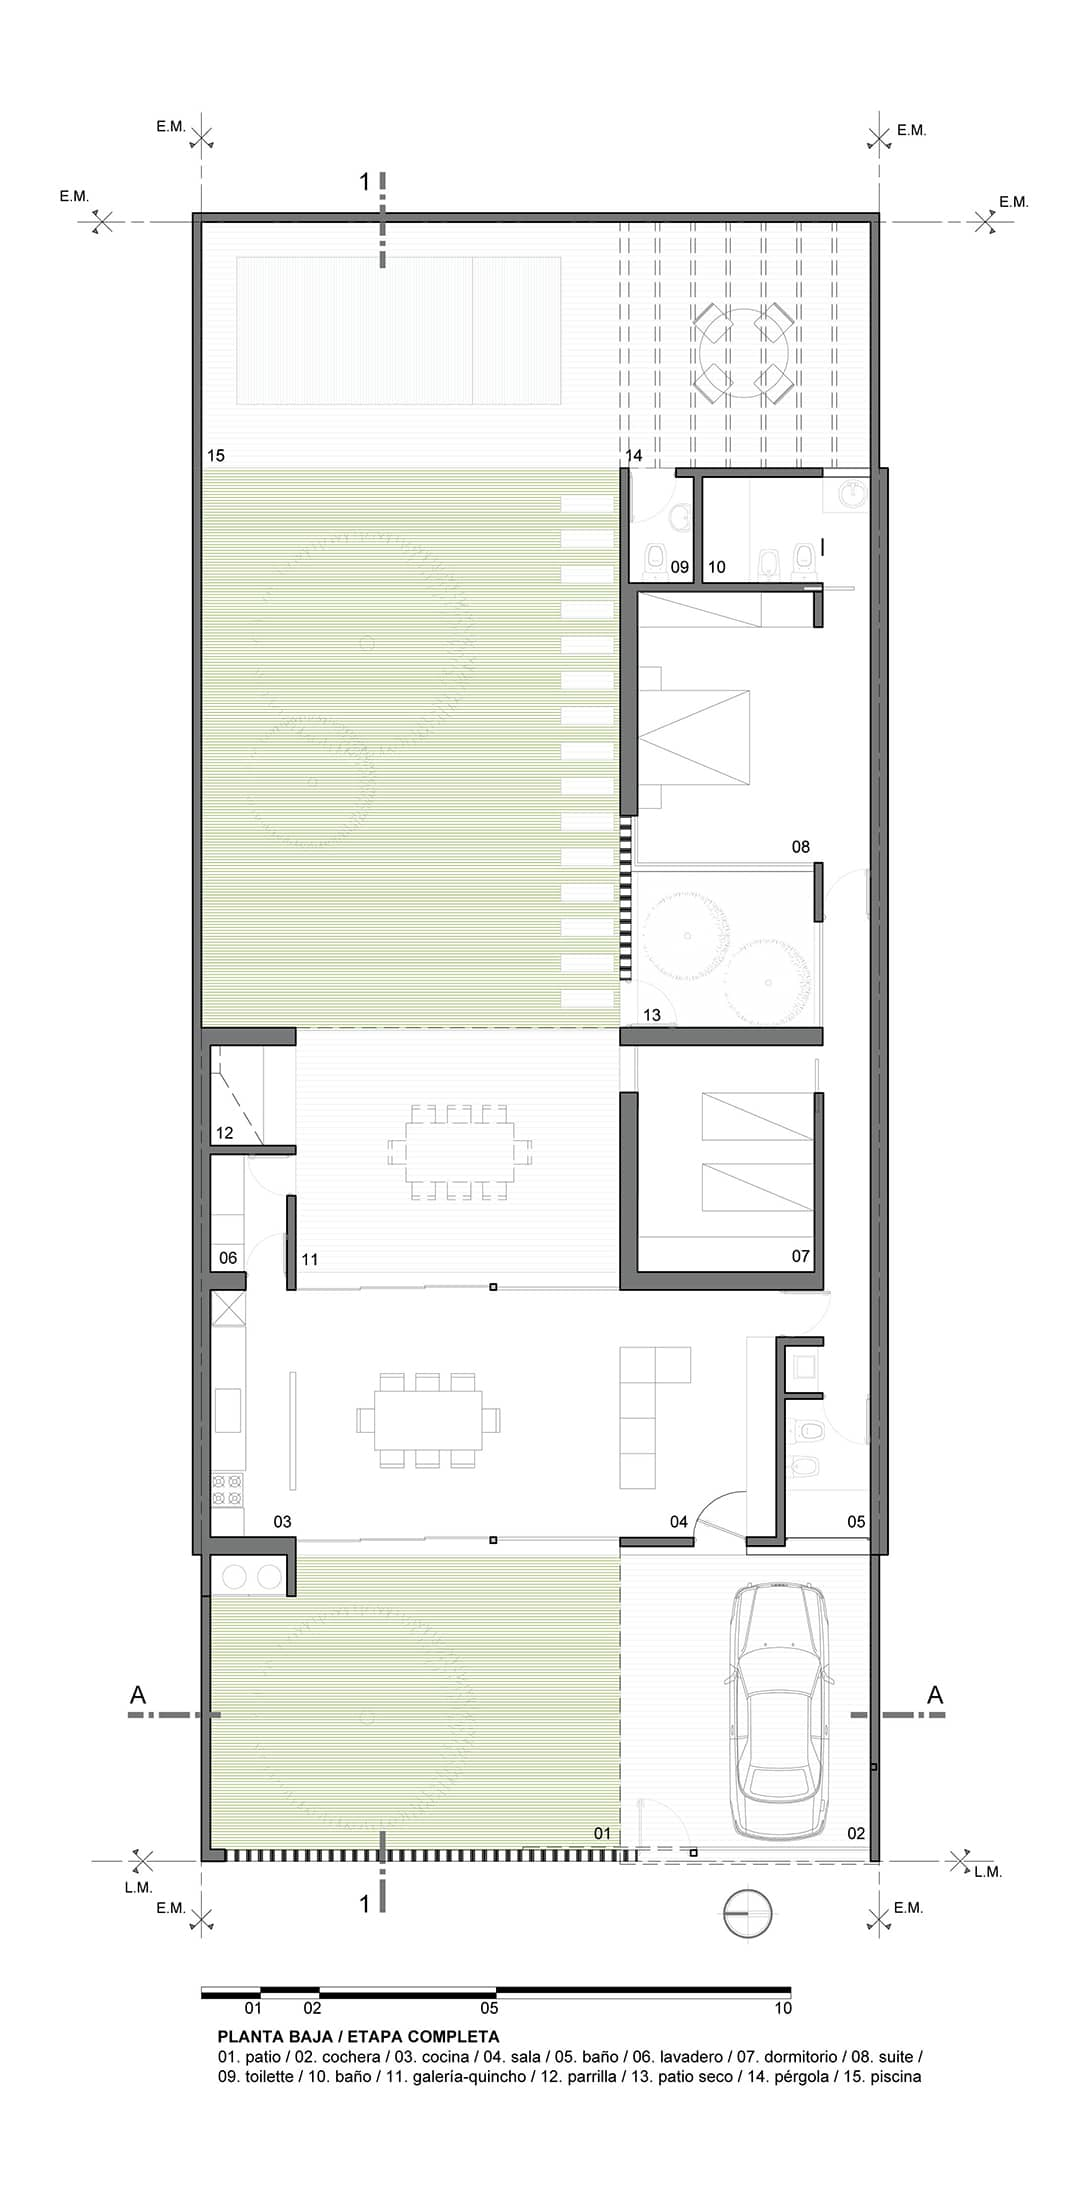 Casa de un piso y dos dormitorios construye hogar for Plano casa un piso